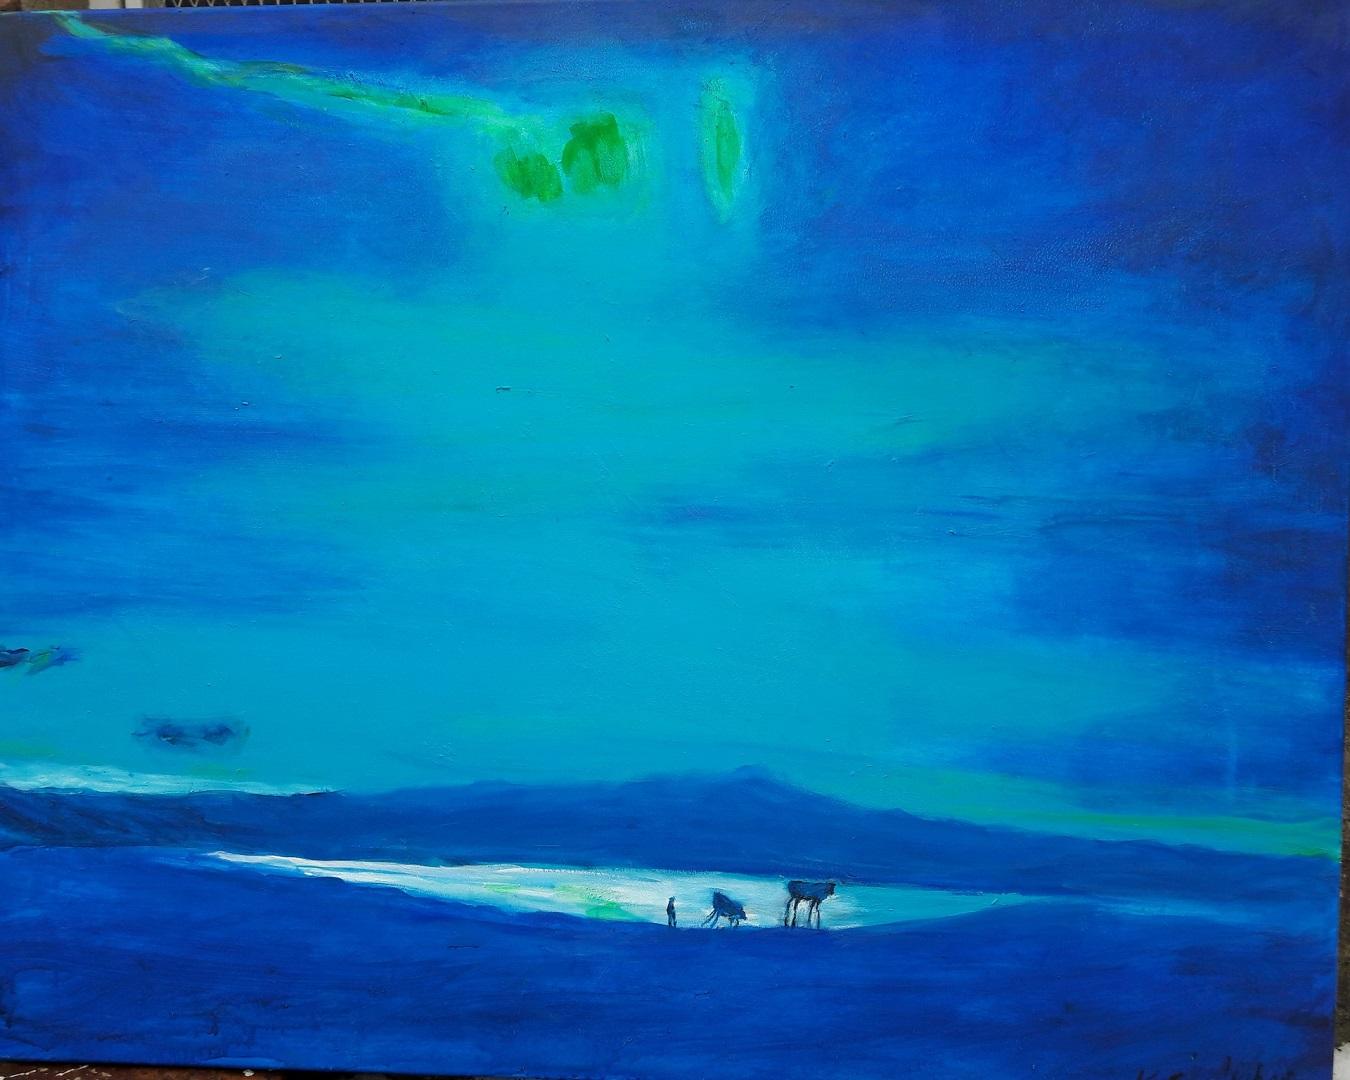 Blaue Landsschaft mit Polarlicht